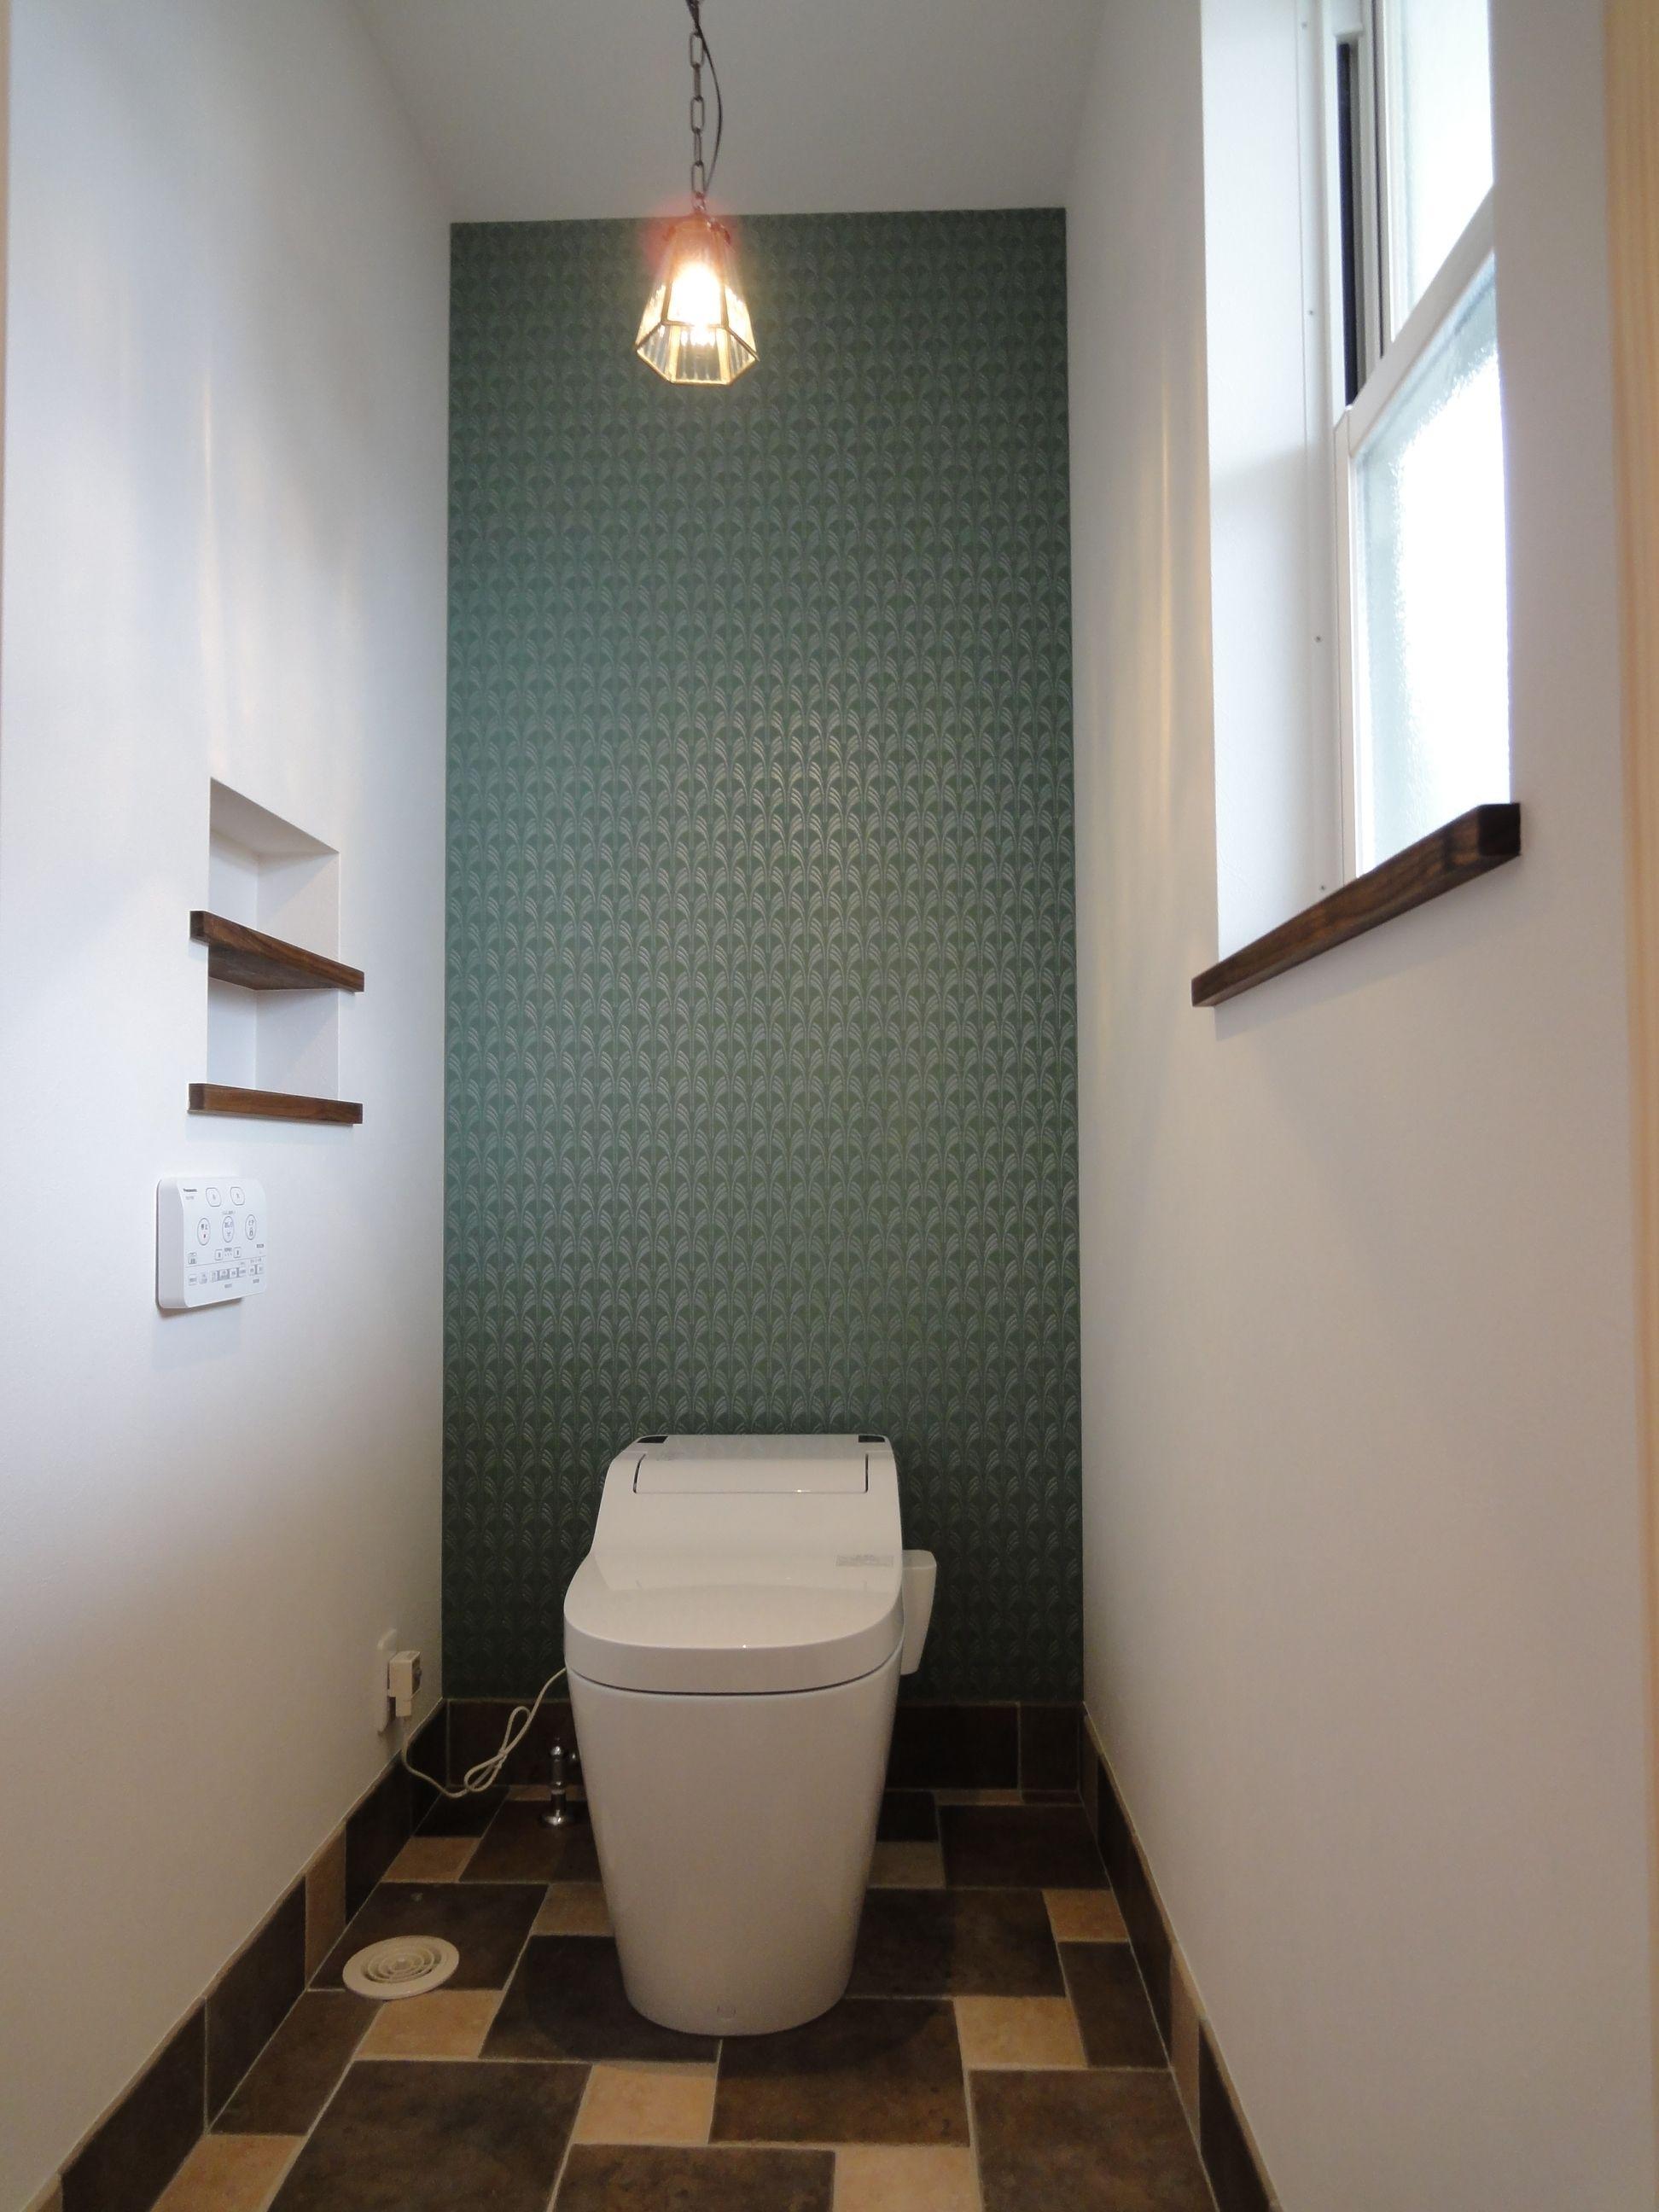 我が家のトイレをおしゃれにするアイディア 生活感なくおしゃれに トイレ おしゃれ バスルームの装飾 バスルームインテリア